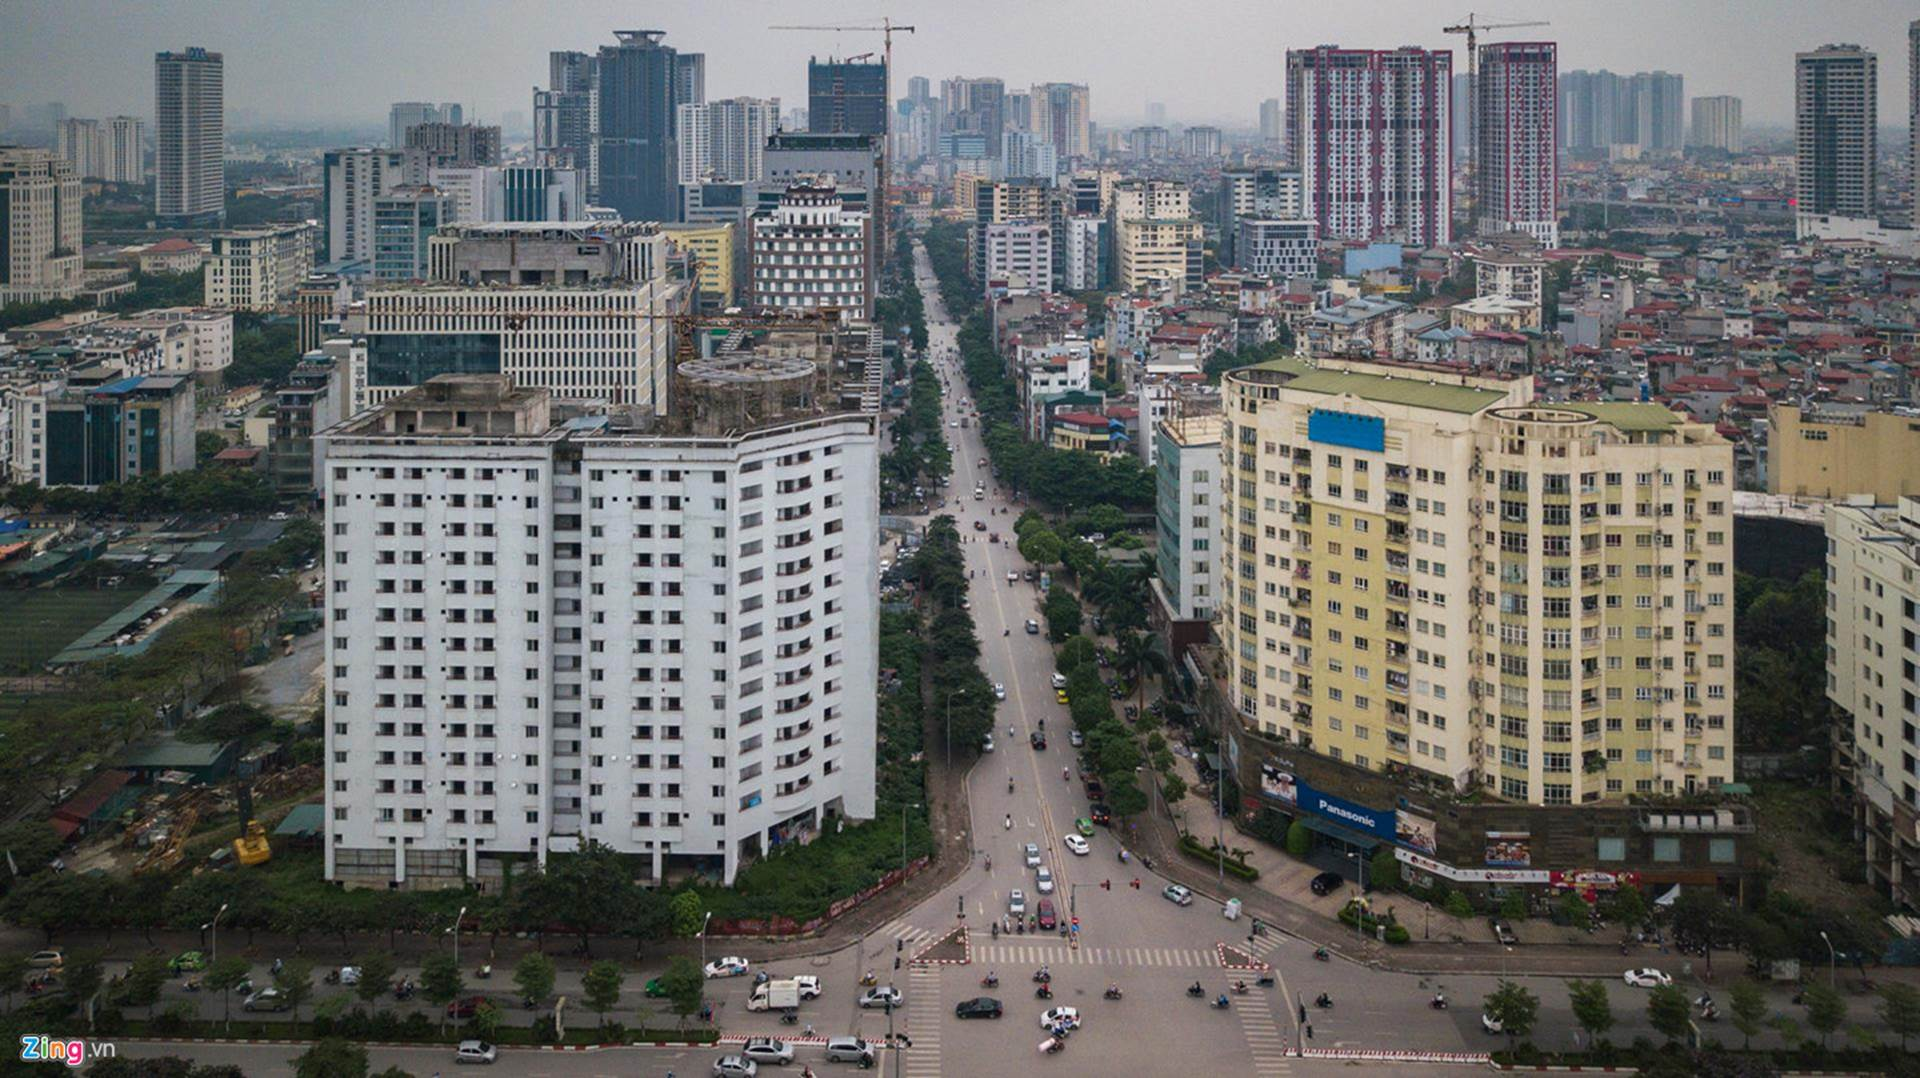 Chung cư bỏ hoang 9 năm ở đất vàng Hà Nội-1